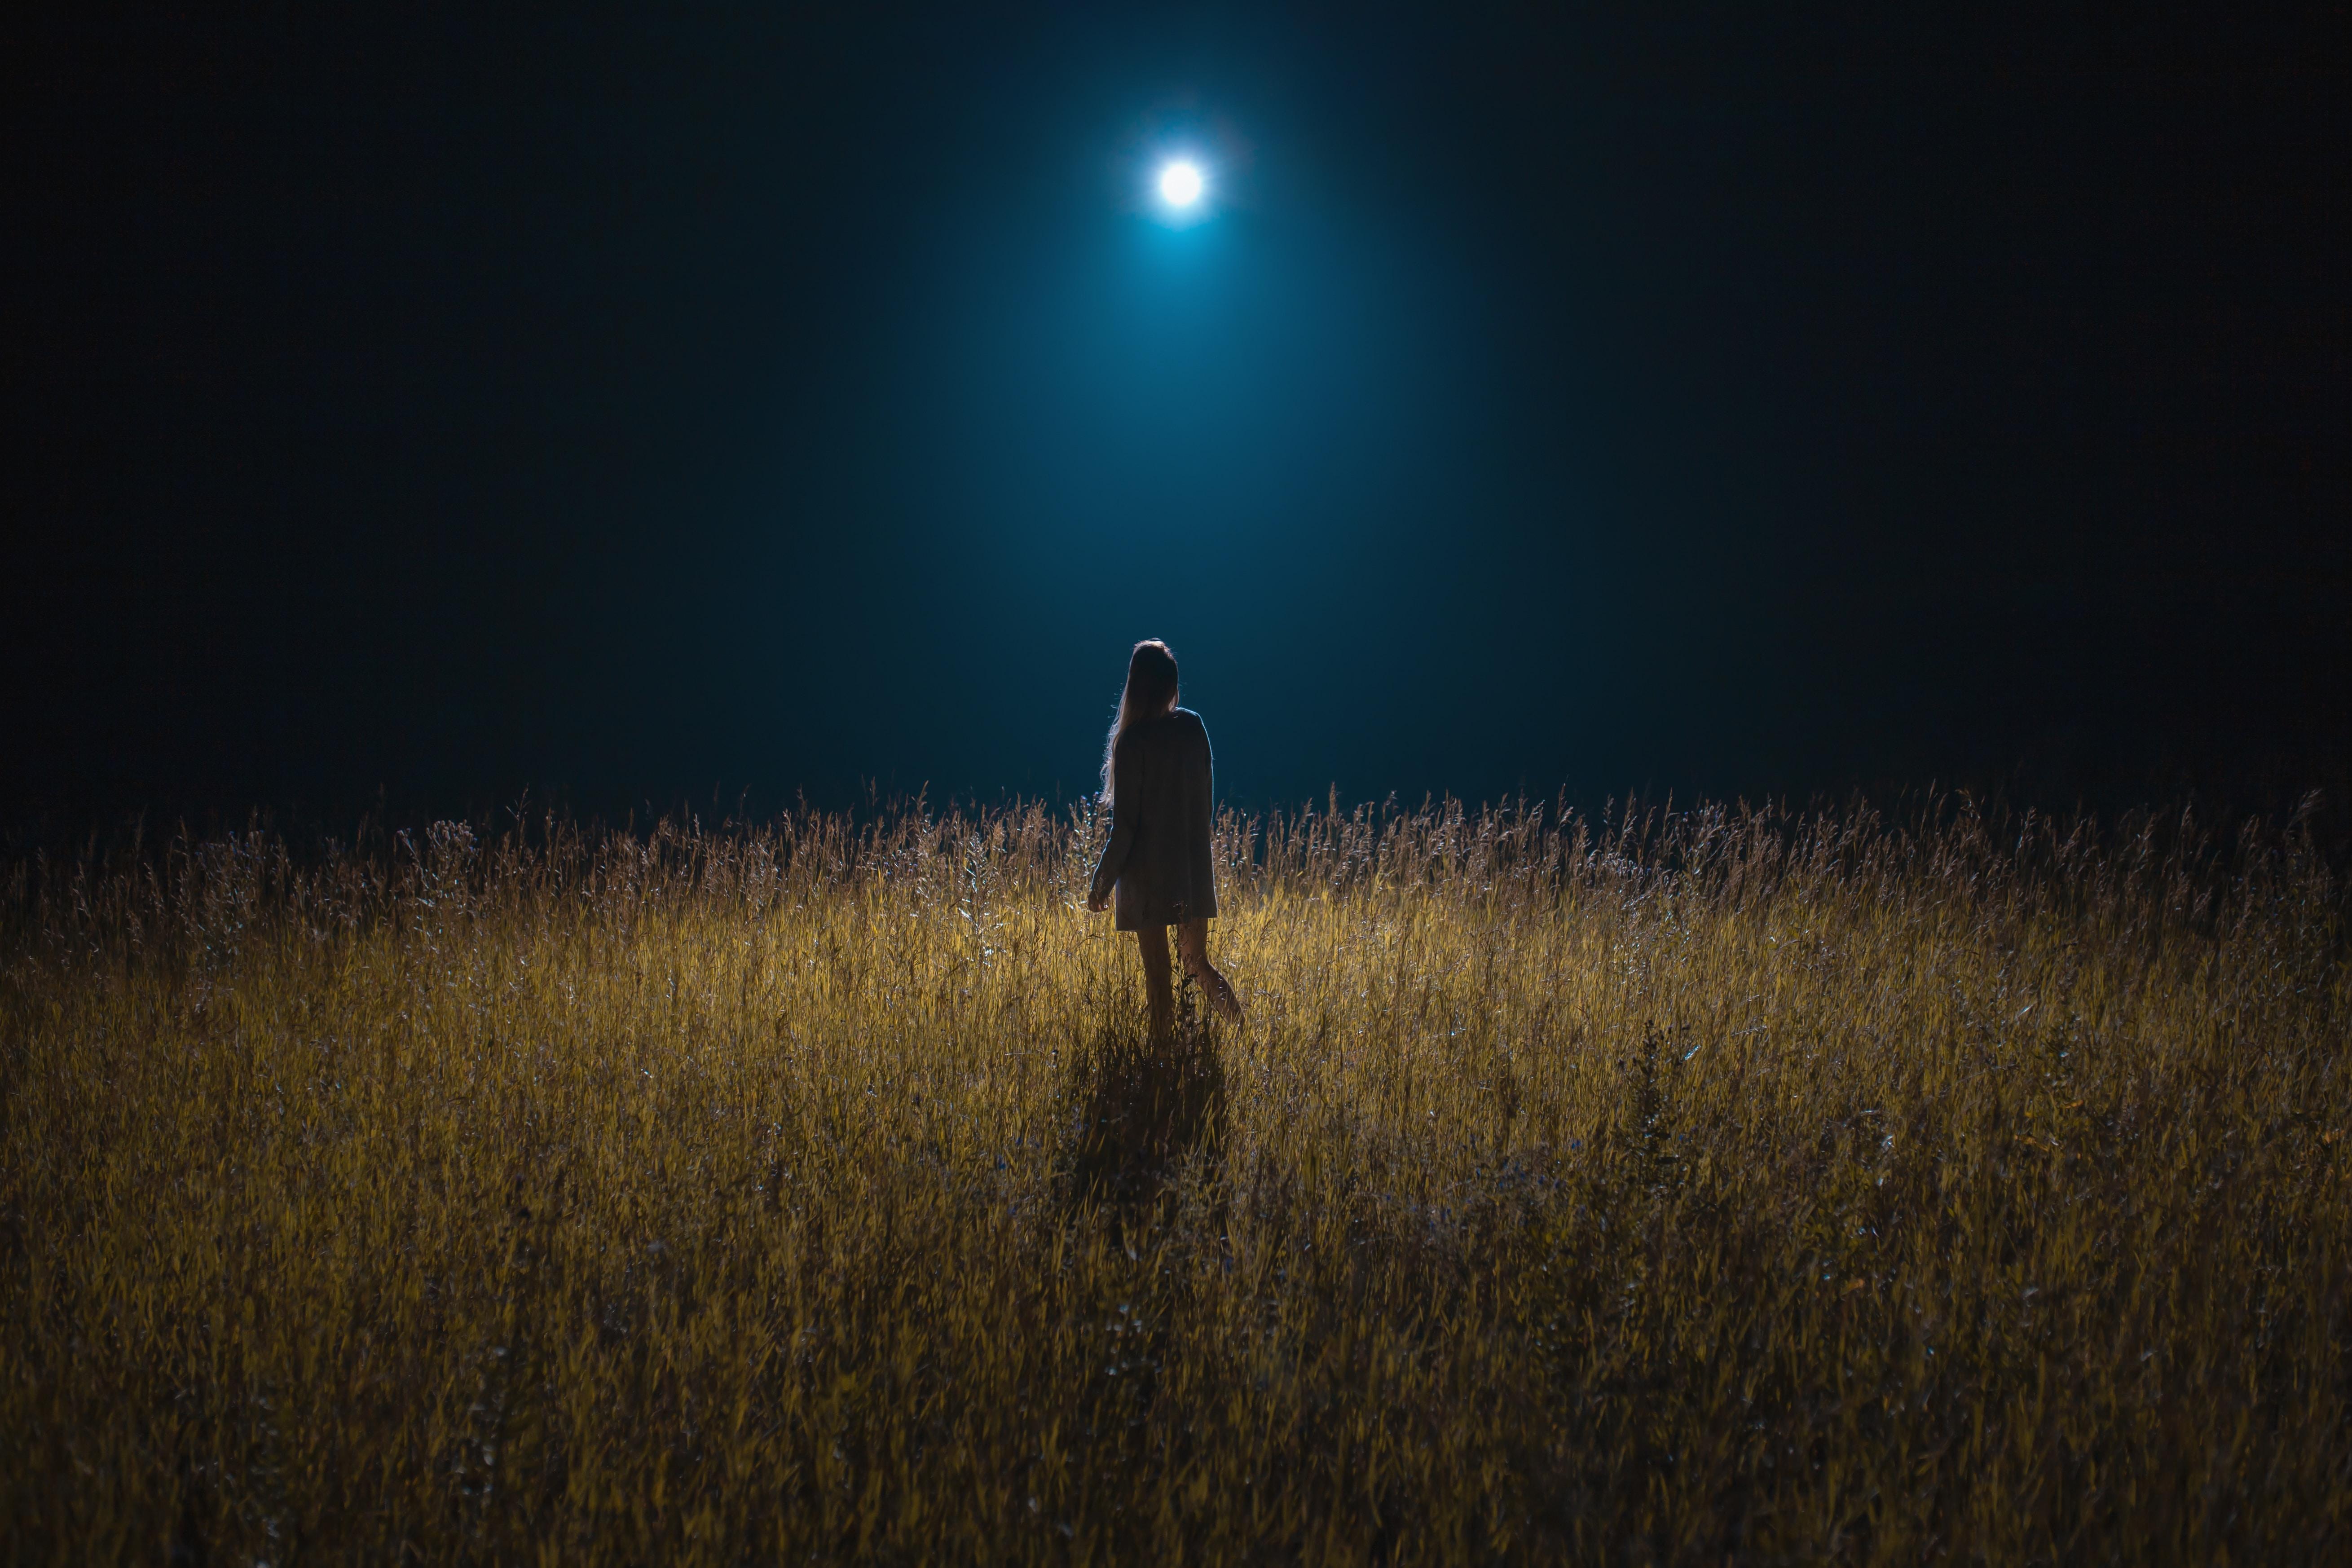 105402 скачать обои Девушка, Ночь, Луна, Разное, Поле, Лунный Свет - заставки и картинки бесплатно